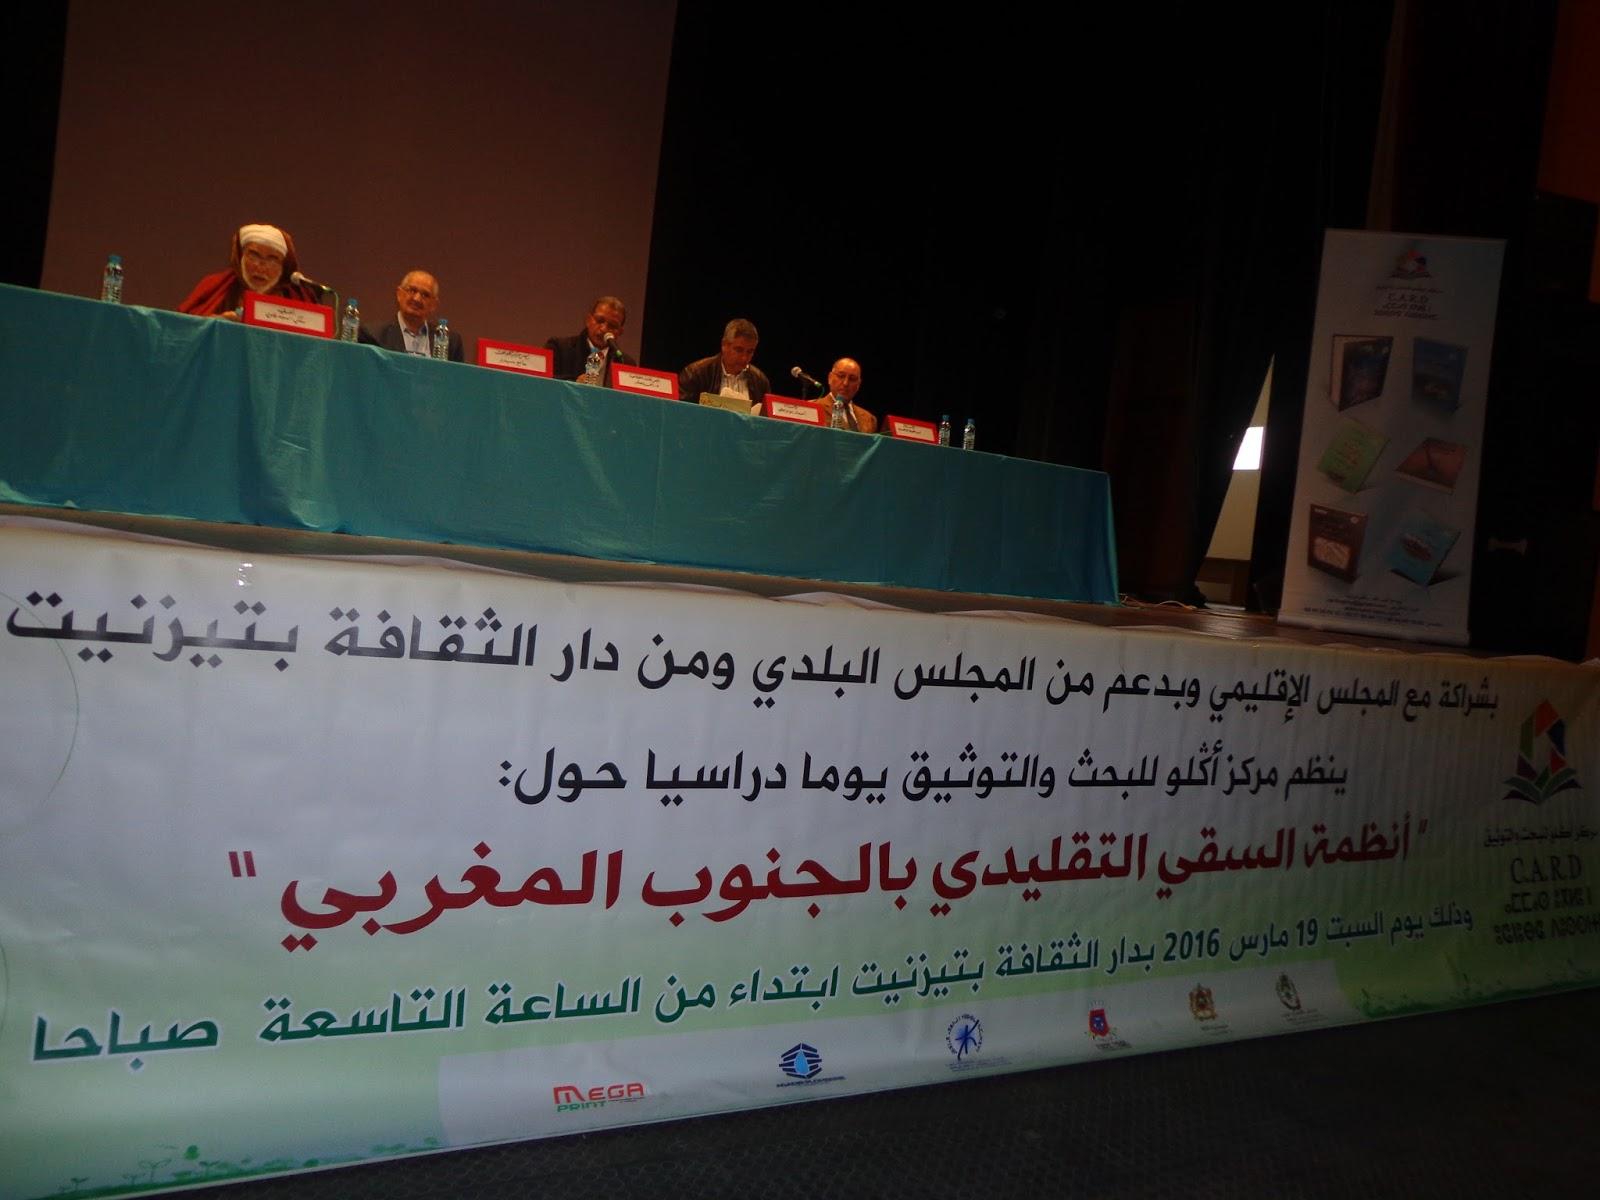 تقرير مركز اكلو للبحت والتوثيق عن  أنظمة السقي التقليدي بالجنوب المغربي